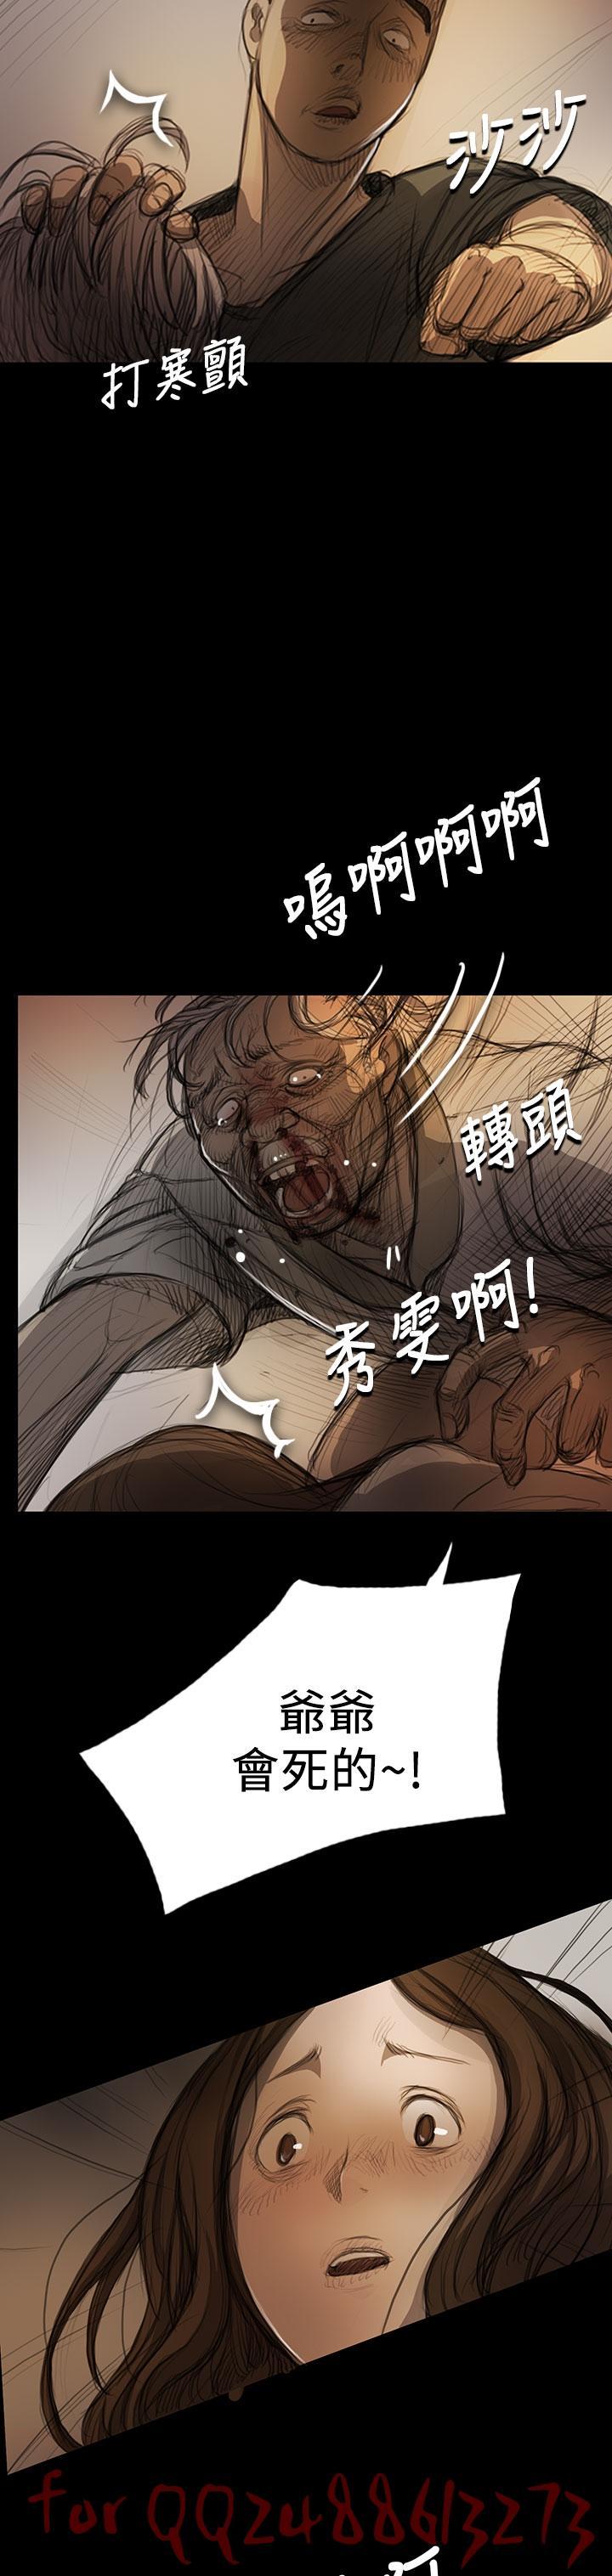 姊姊: 莲 第1~10話 [Chinese]中文 308